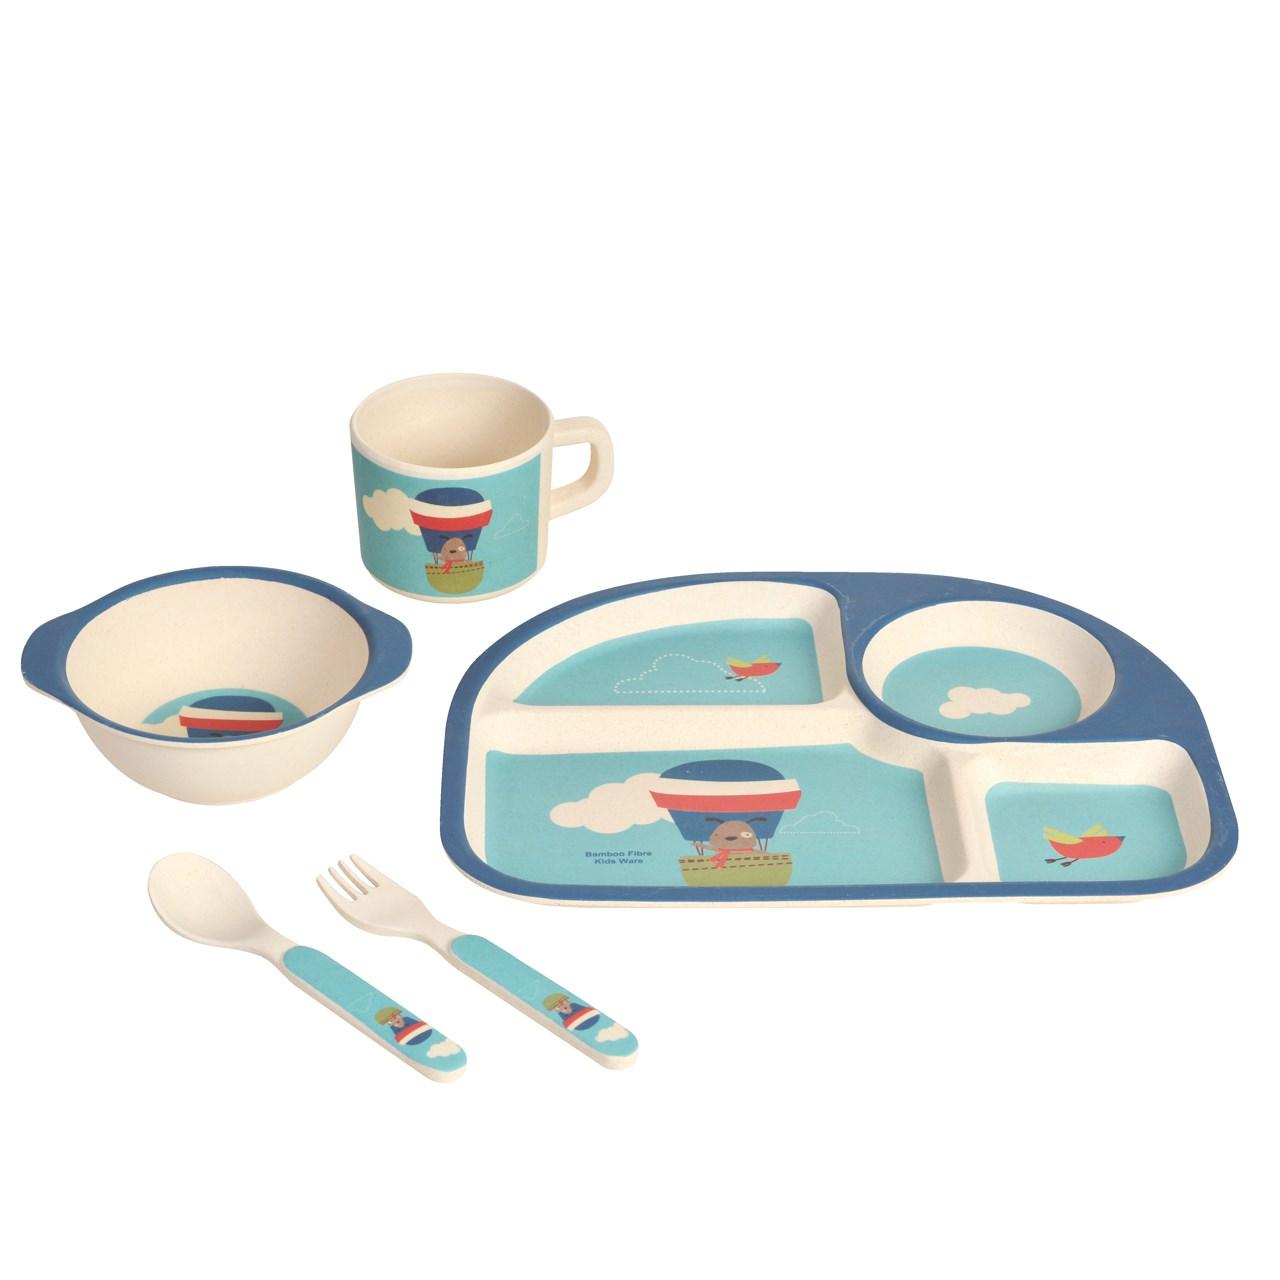 ست 5 تکه ظرف غذای کودک نورینو مدل بالن آبی